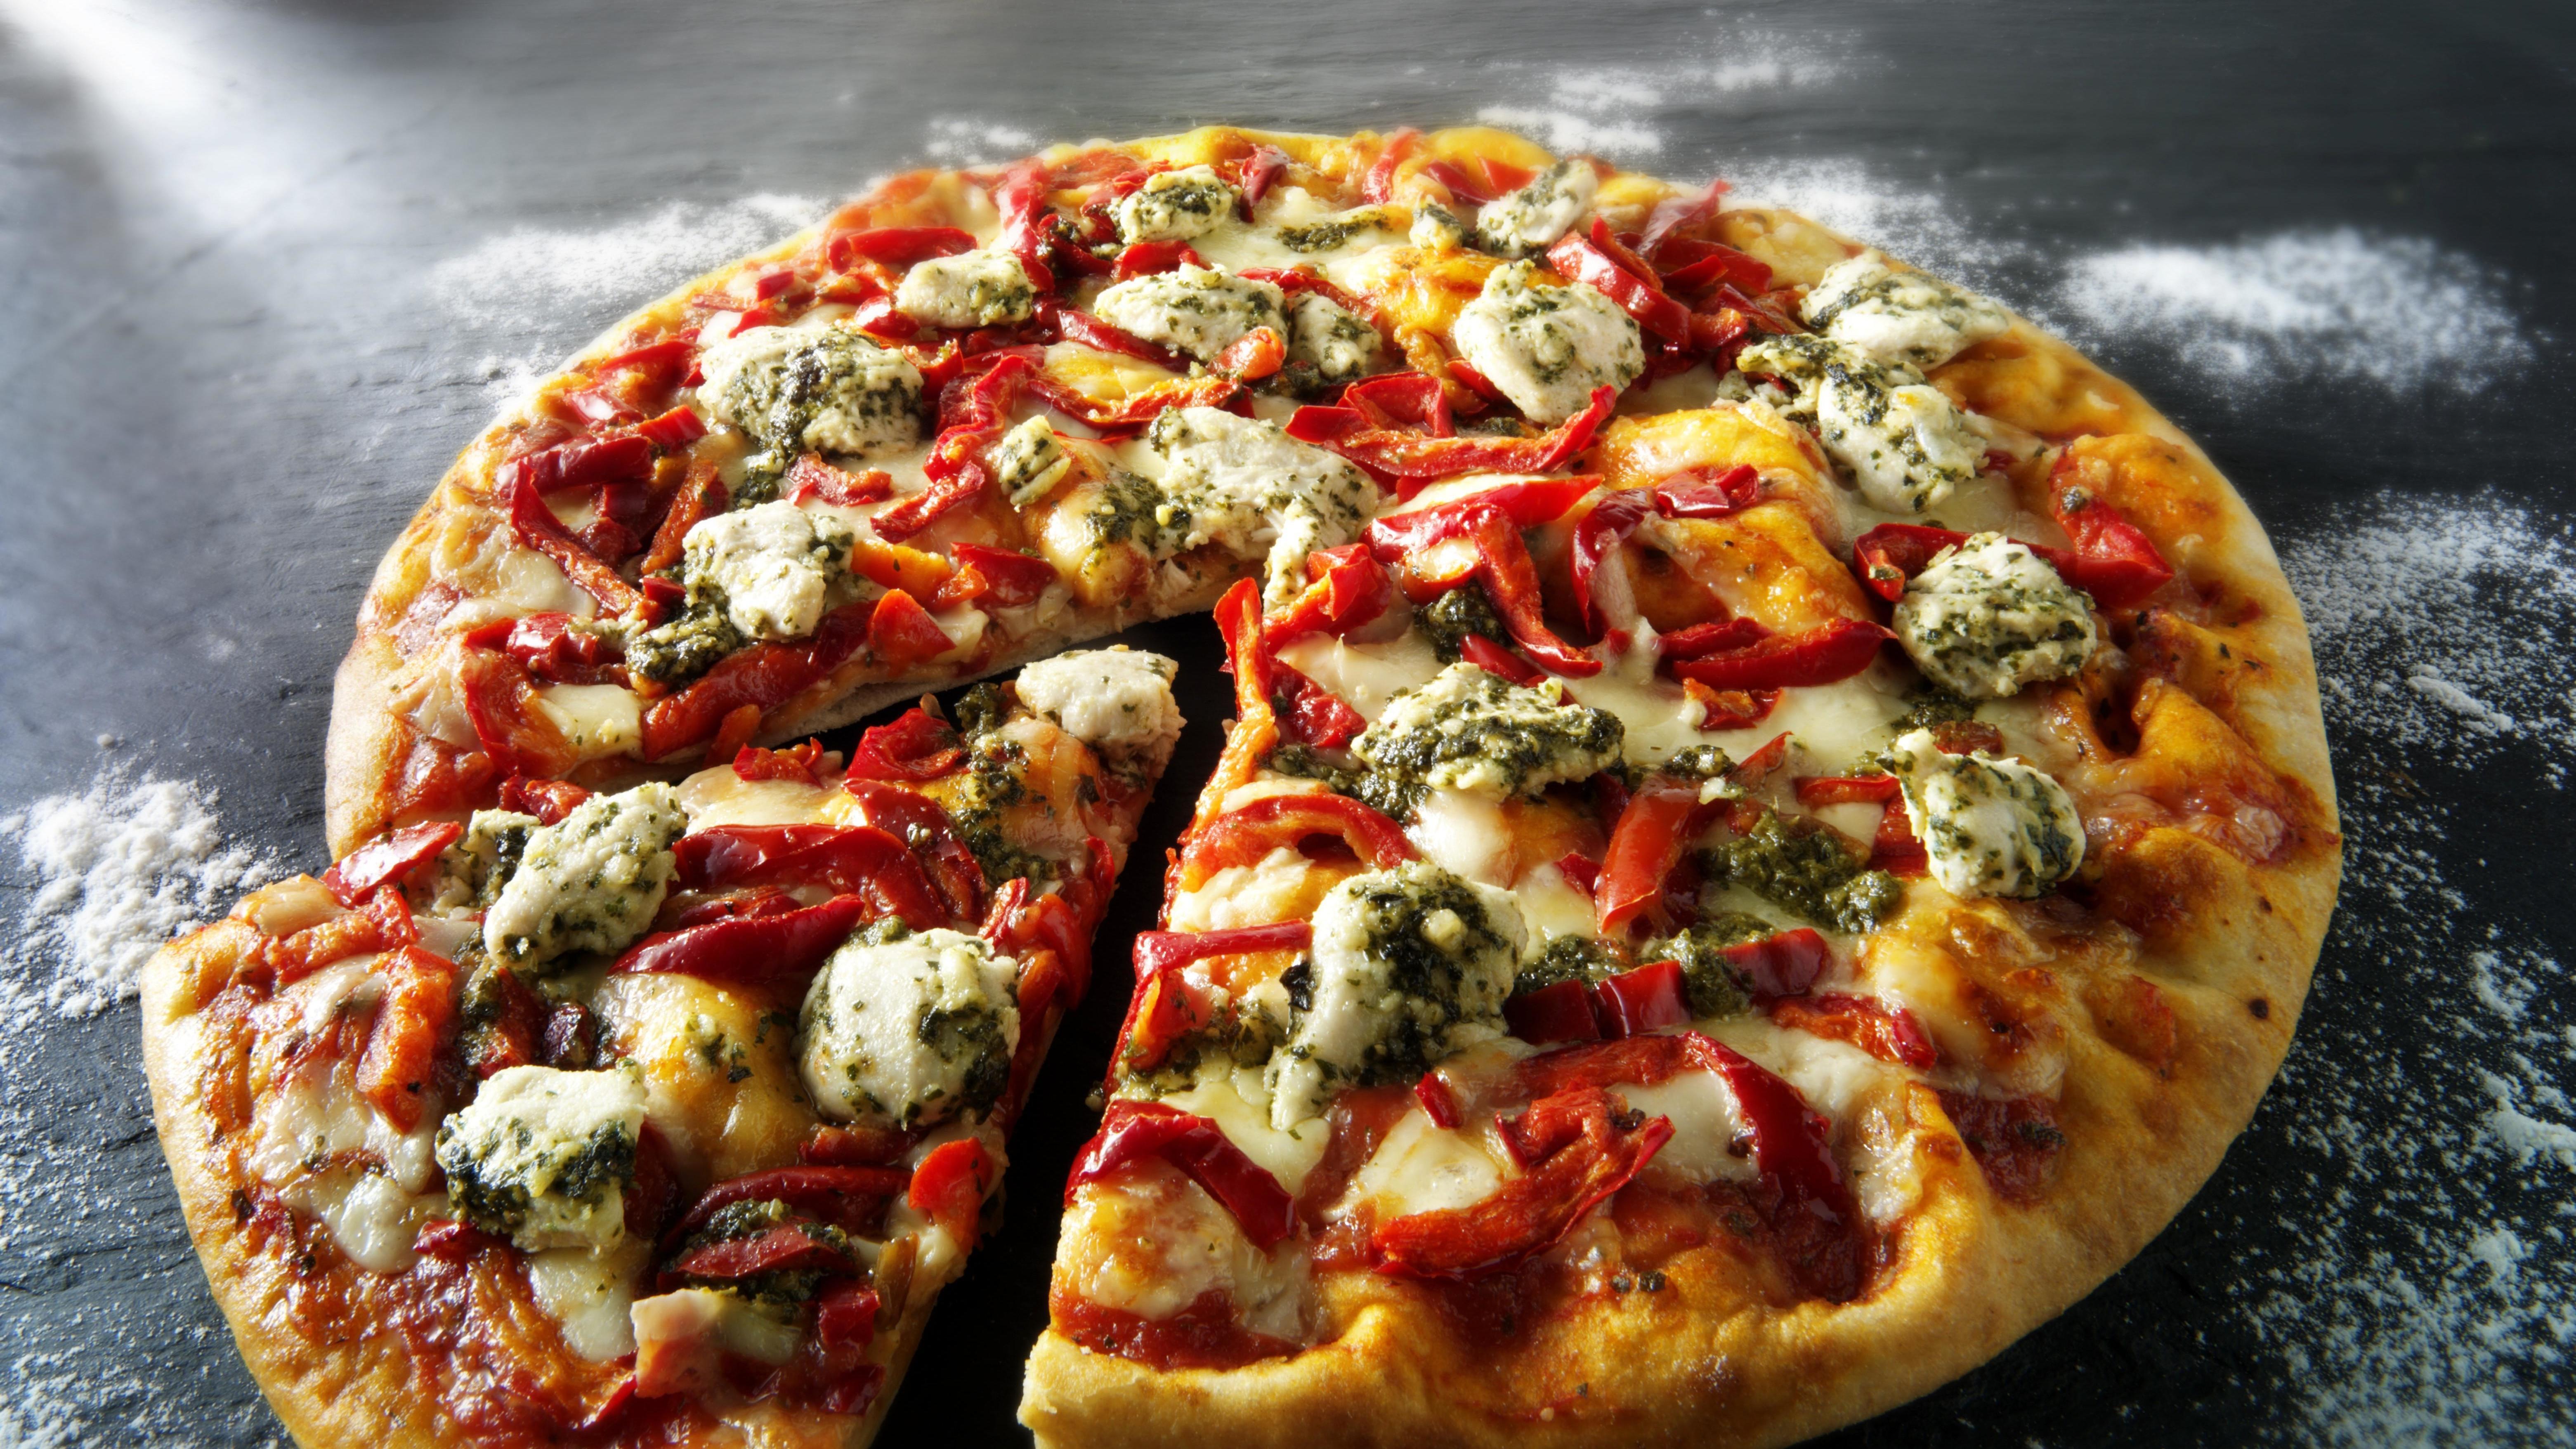 Eine aufgebackene Pizza liegt auf einem Tisch. Ein Stück ist abgeschnitten.